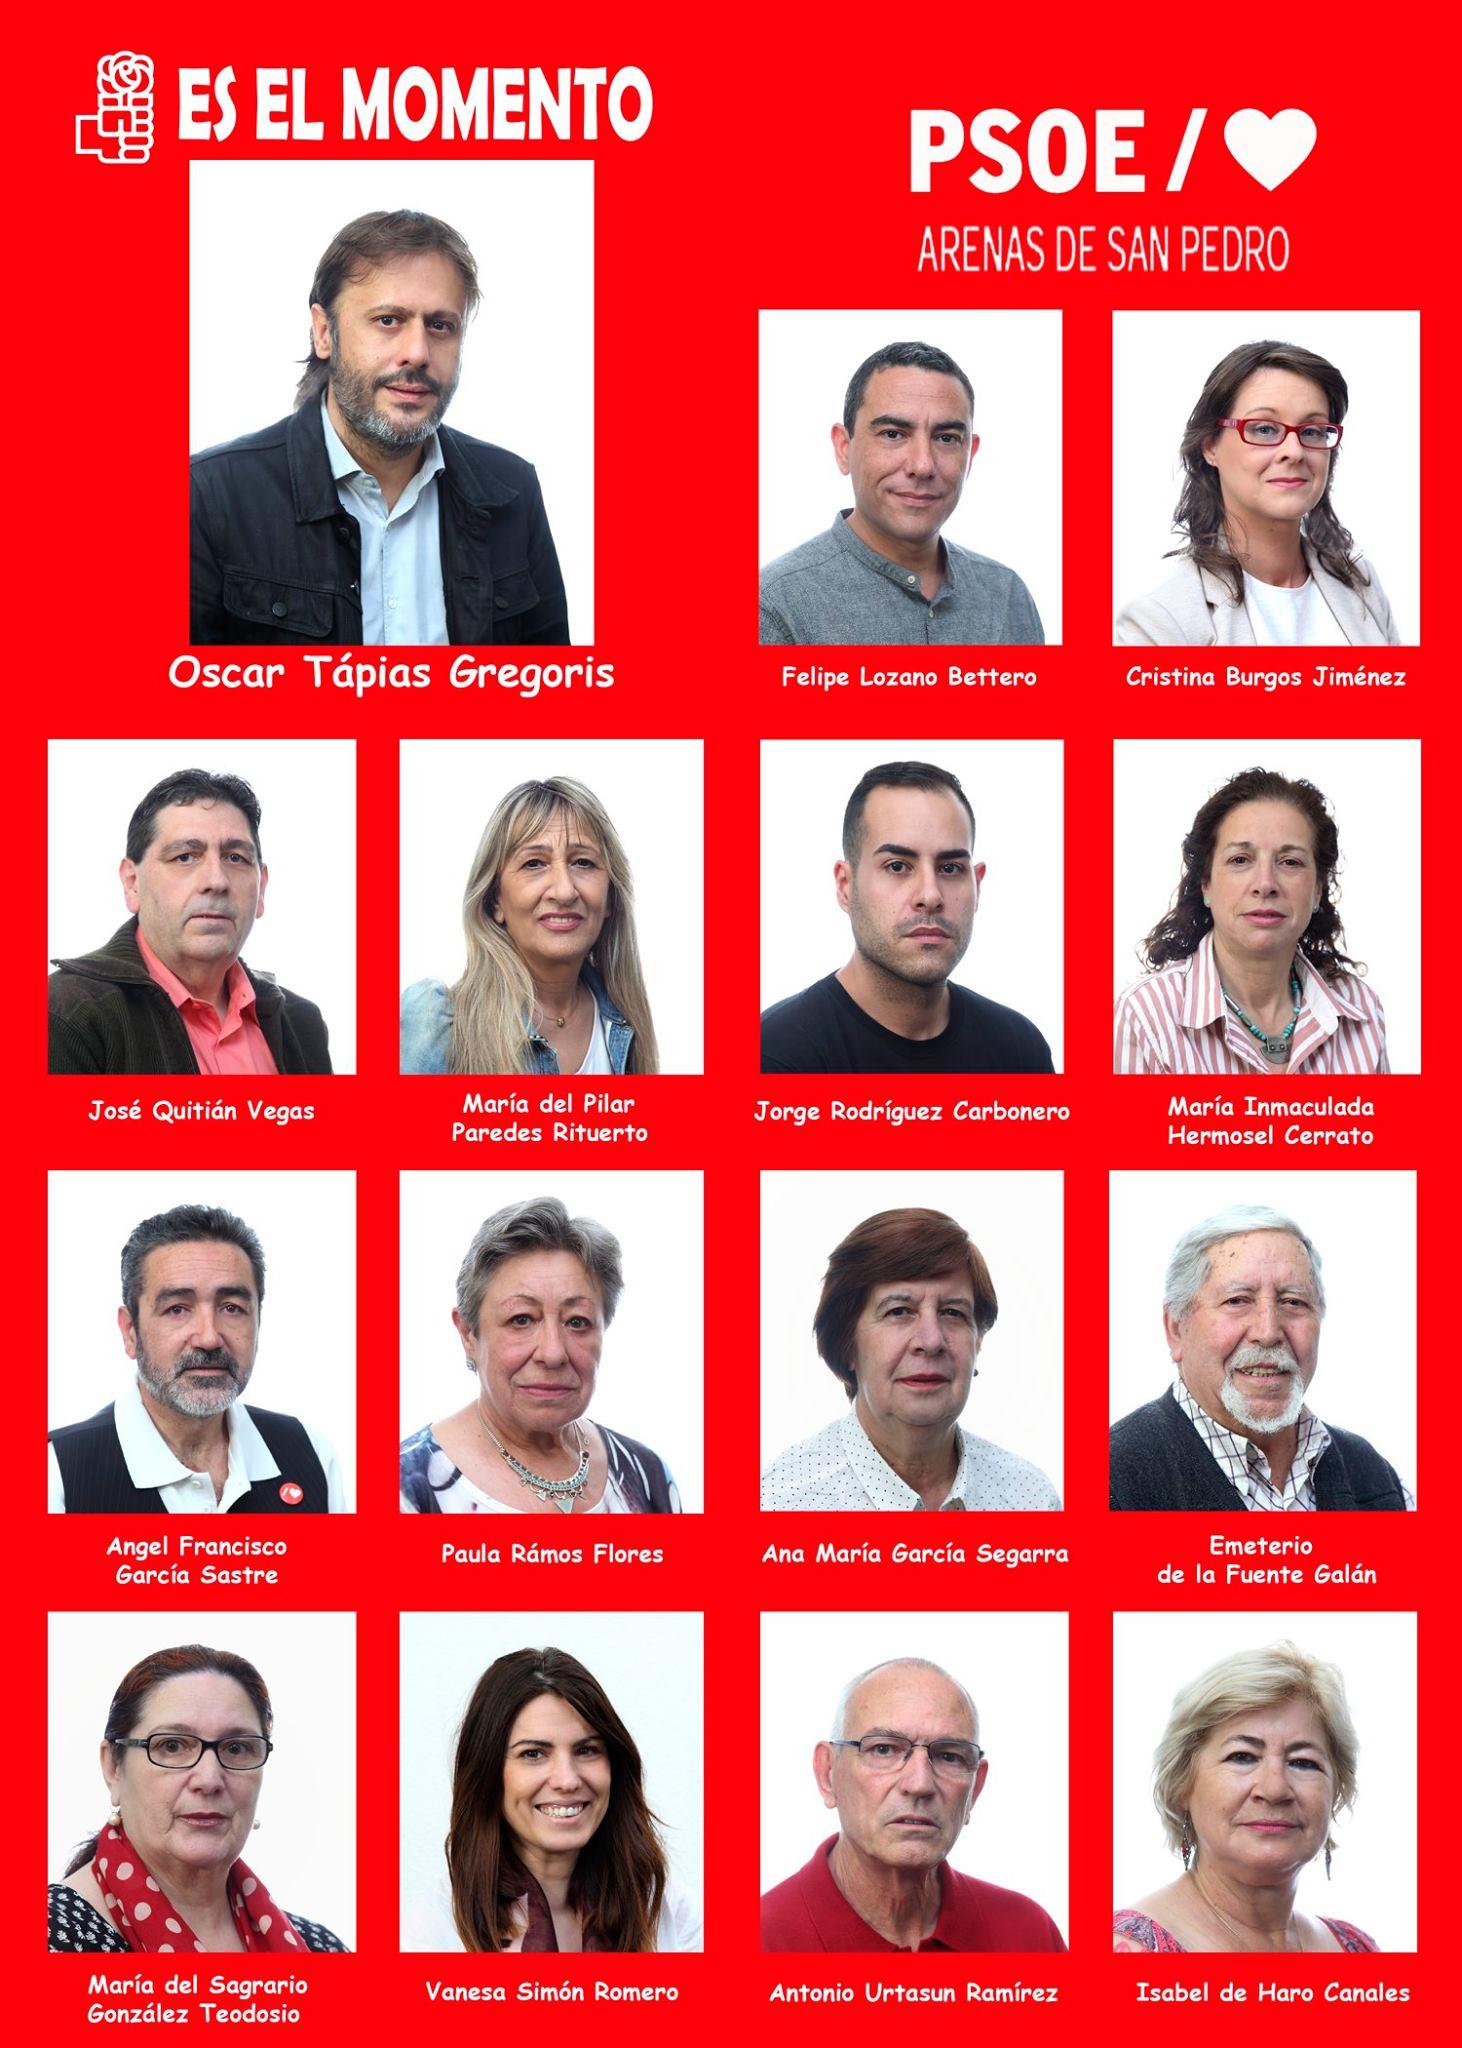 Candidatura del PSOE al Ayuntamiento de Arenas de San Pedro - TiétarTeVe